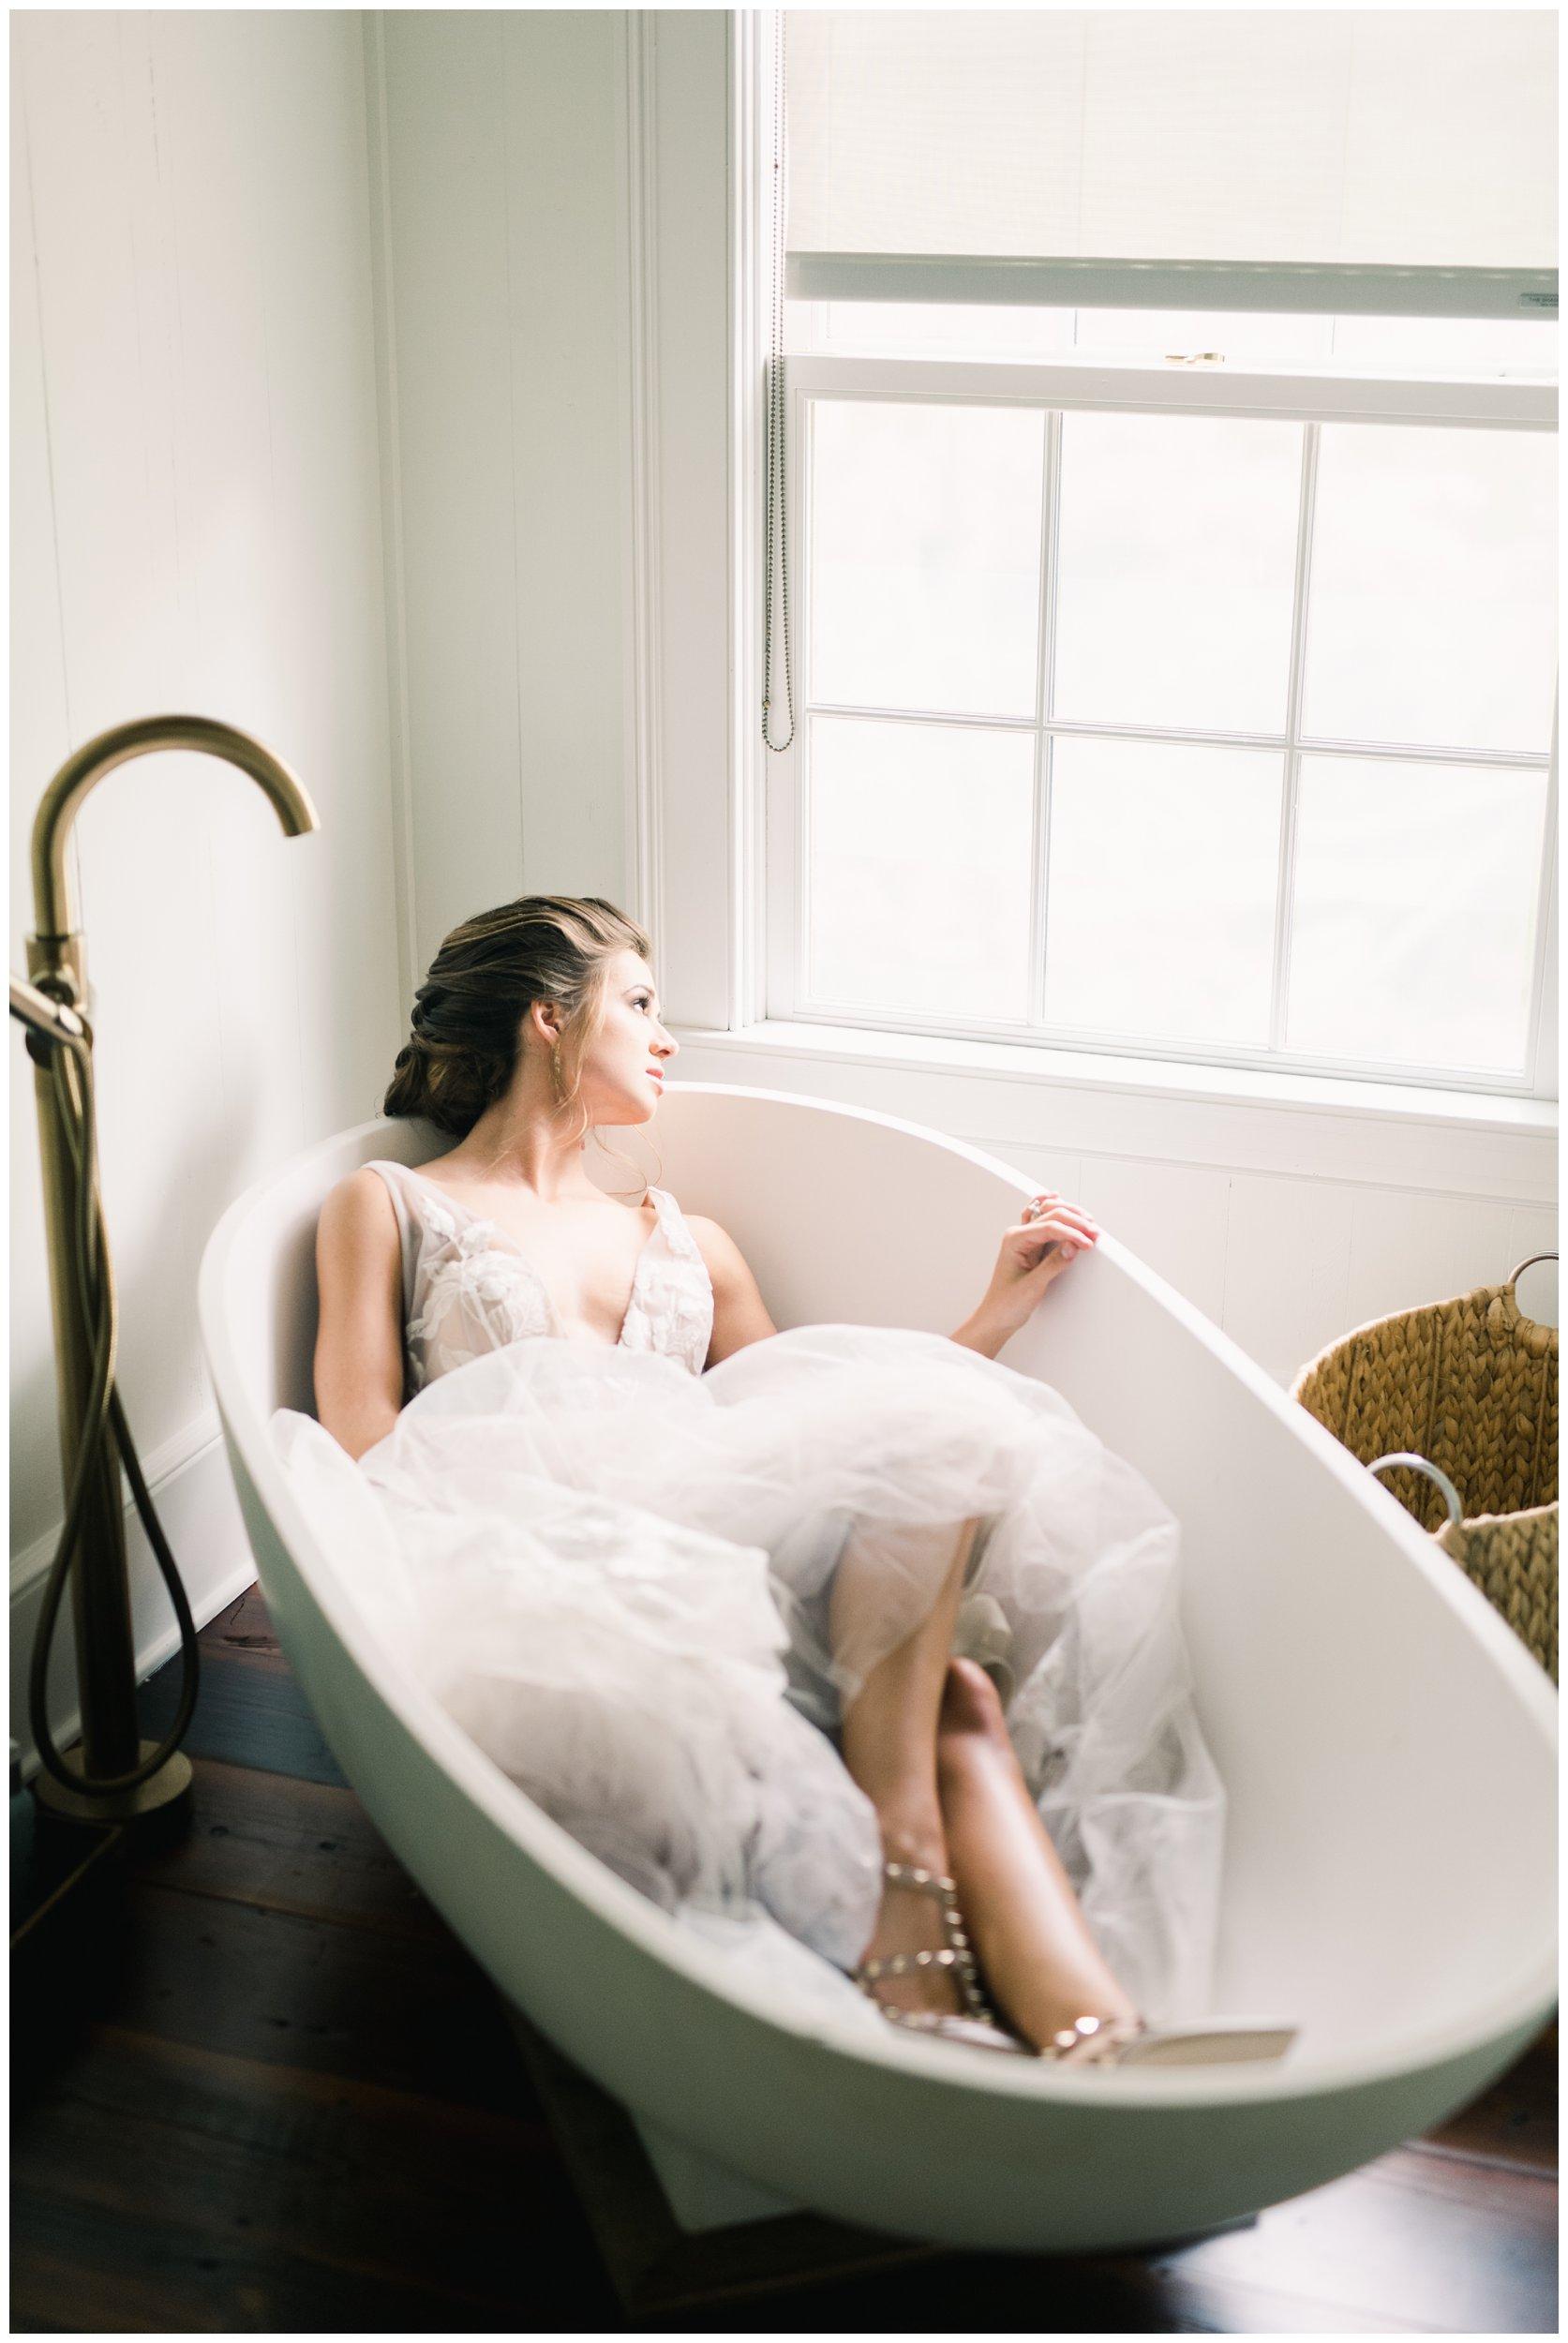 unique bridal portrait in vintage bathtub